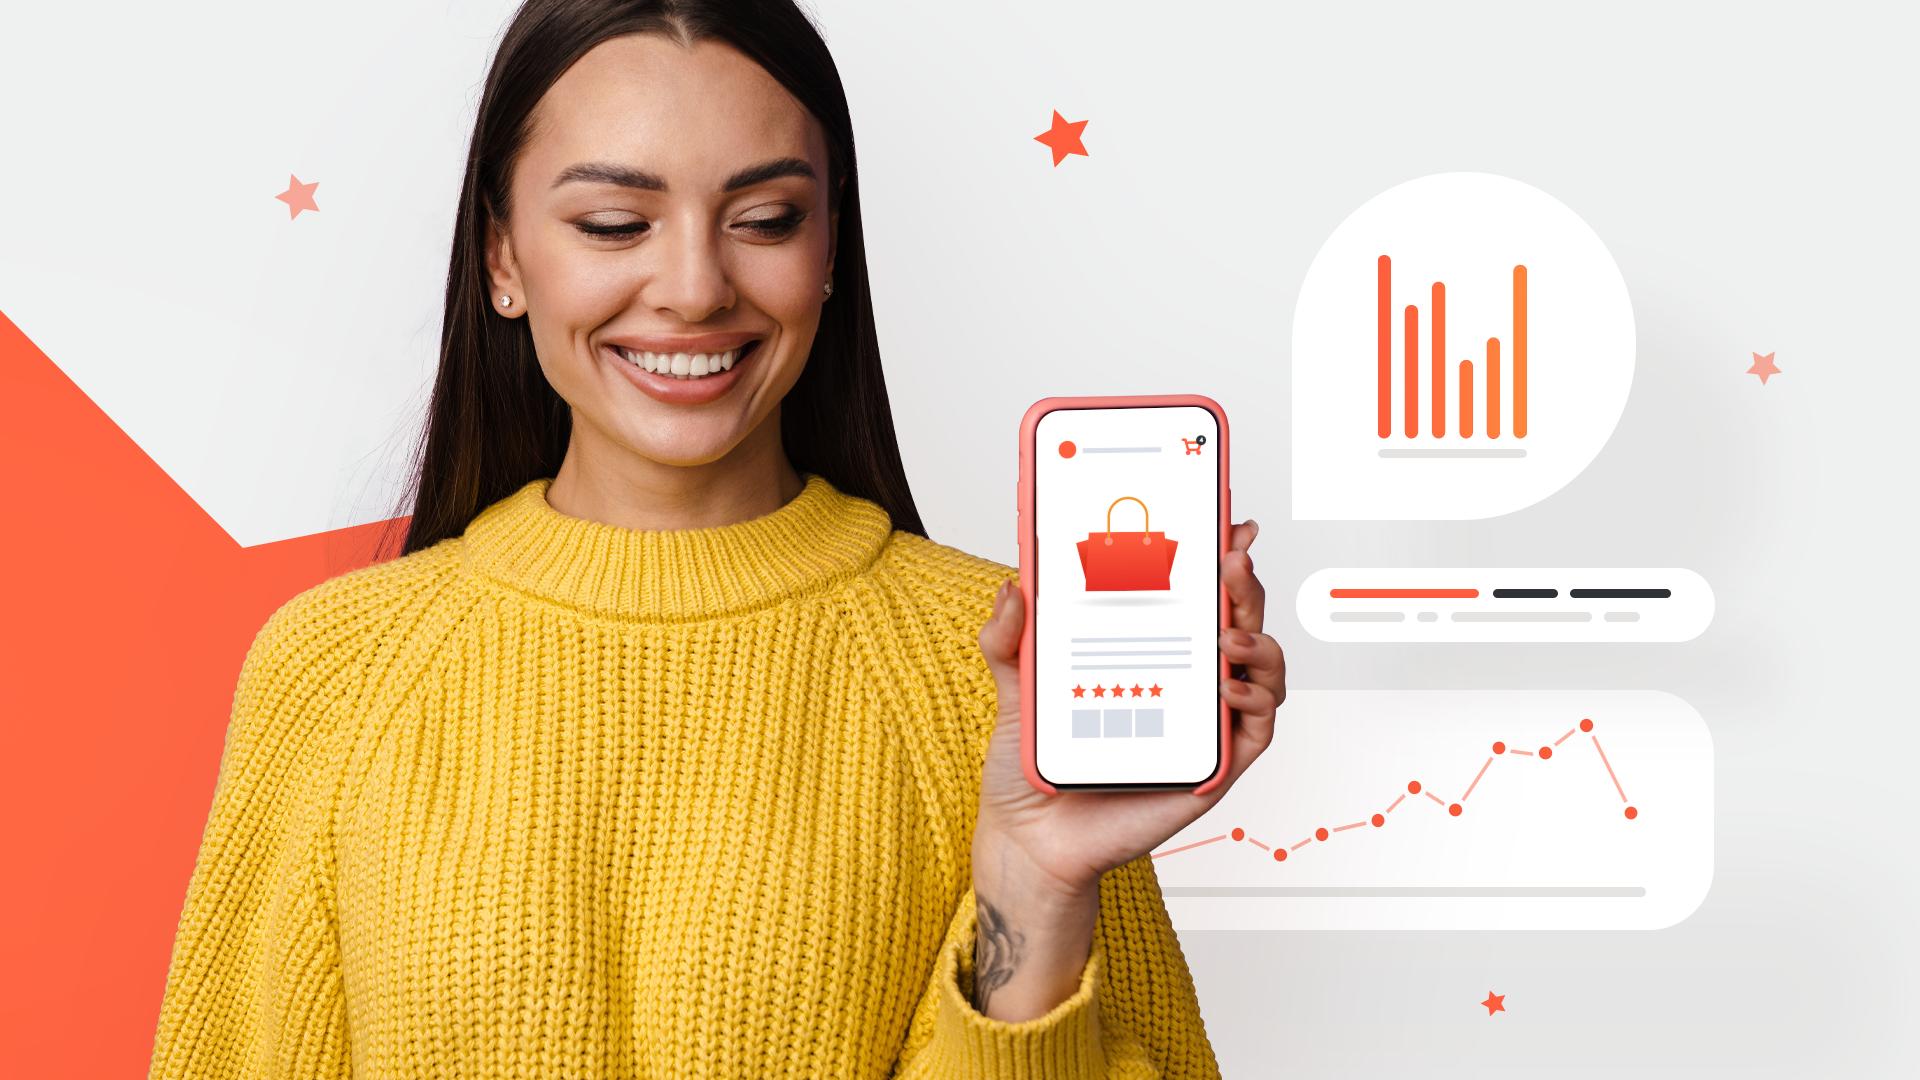 Les KPIs pour mesurer le succès d'une expérience client